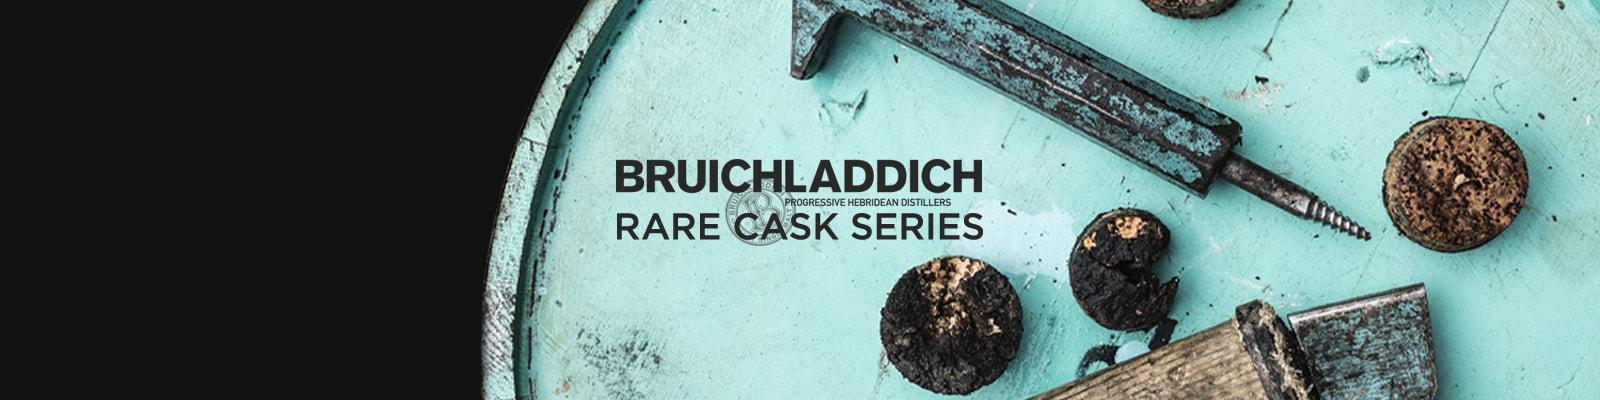 Bruichladdich Rare Cask Series